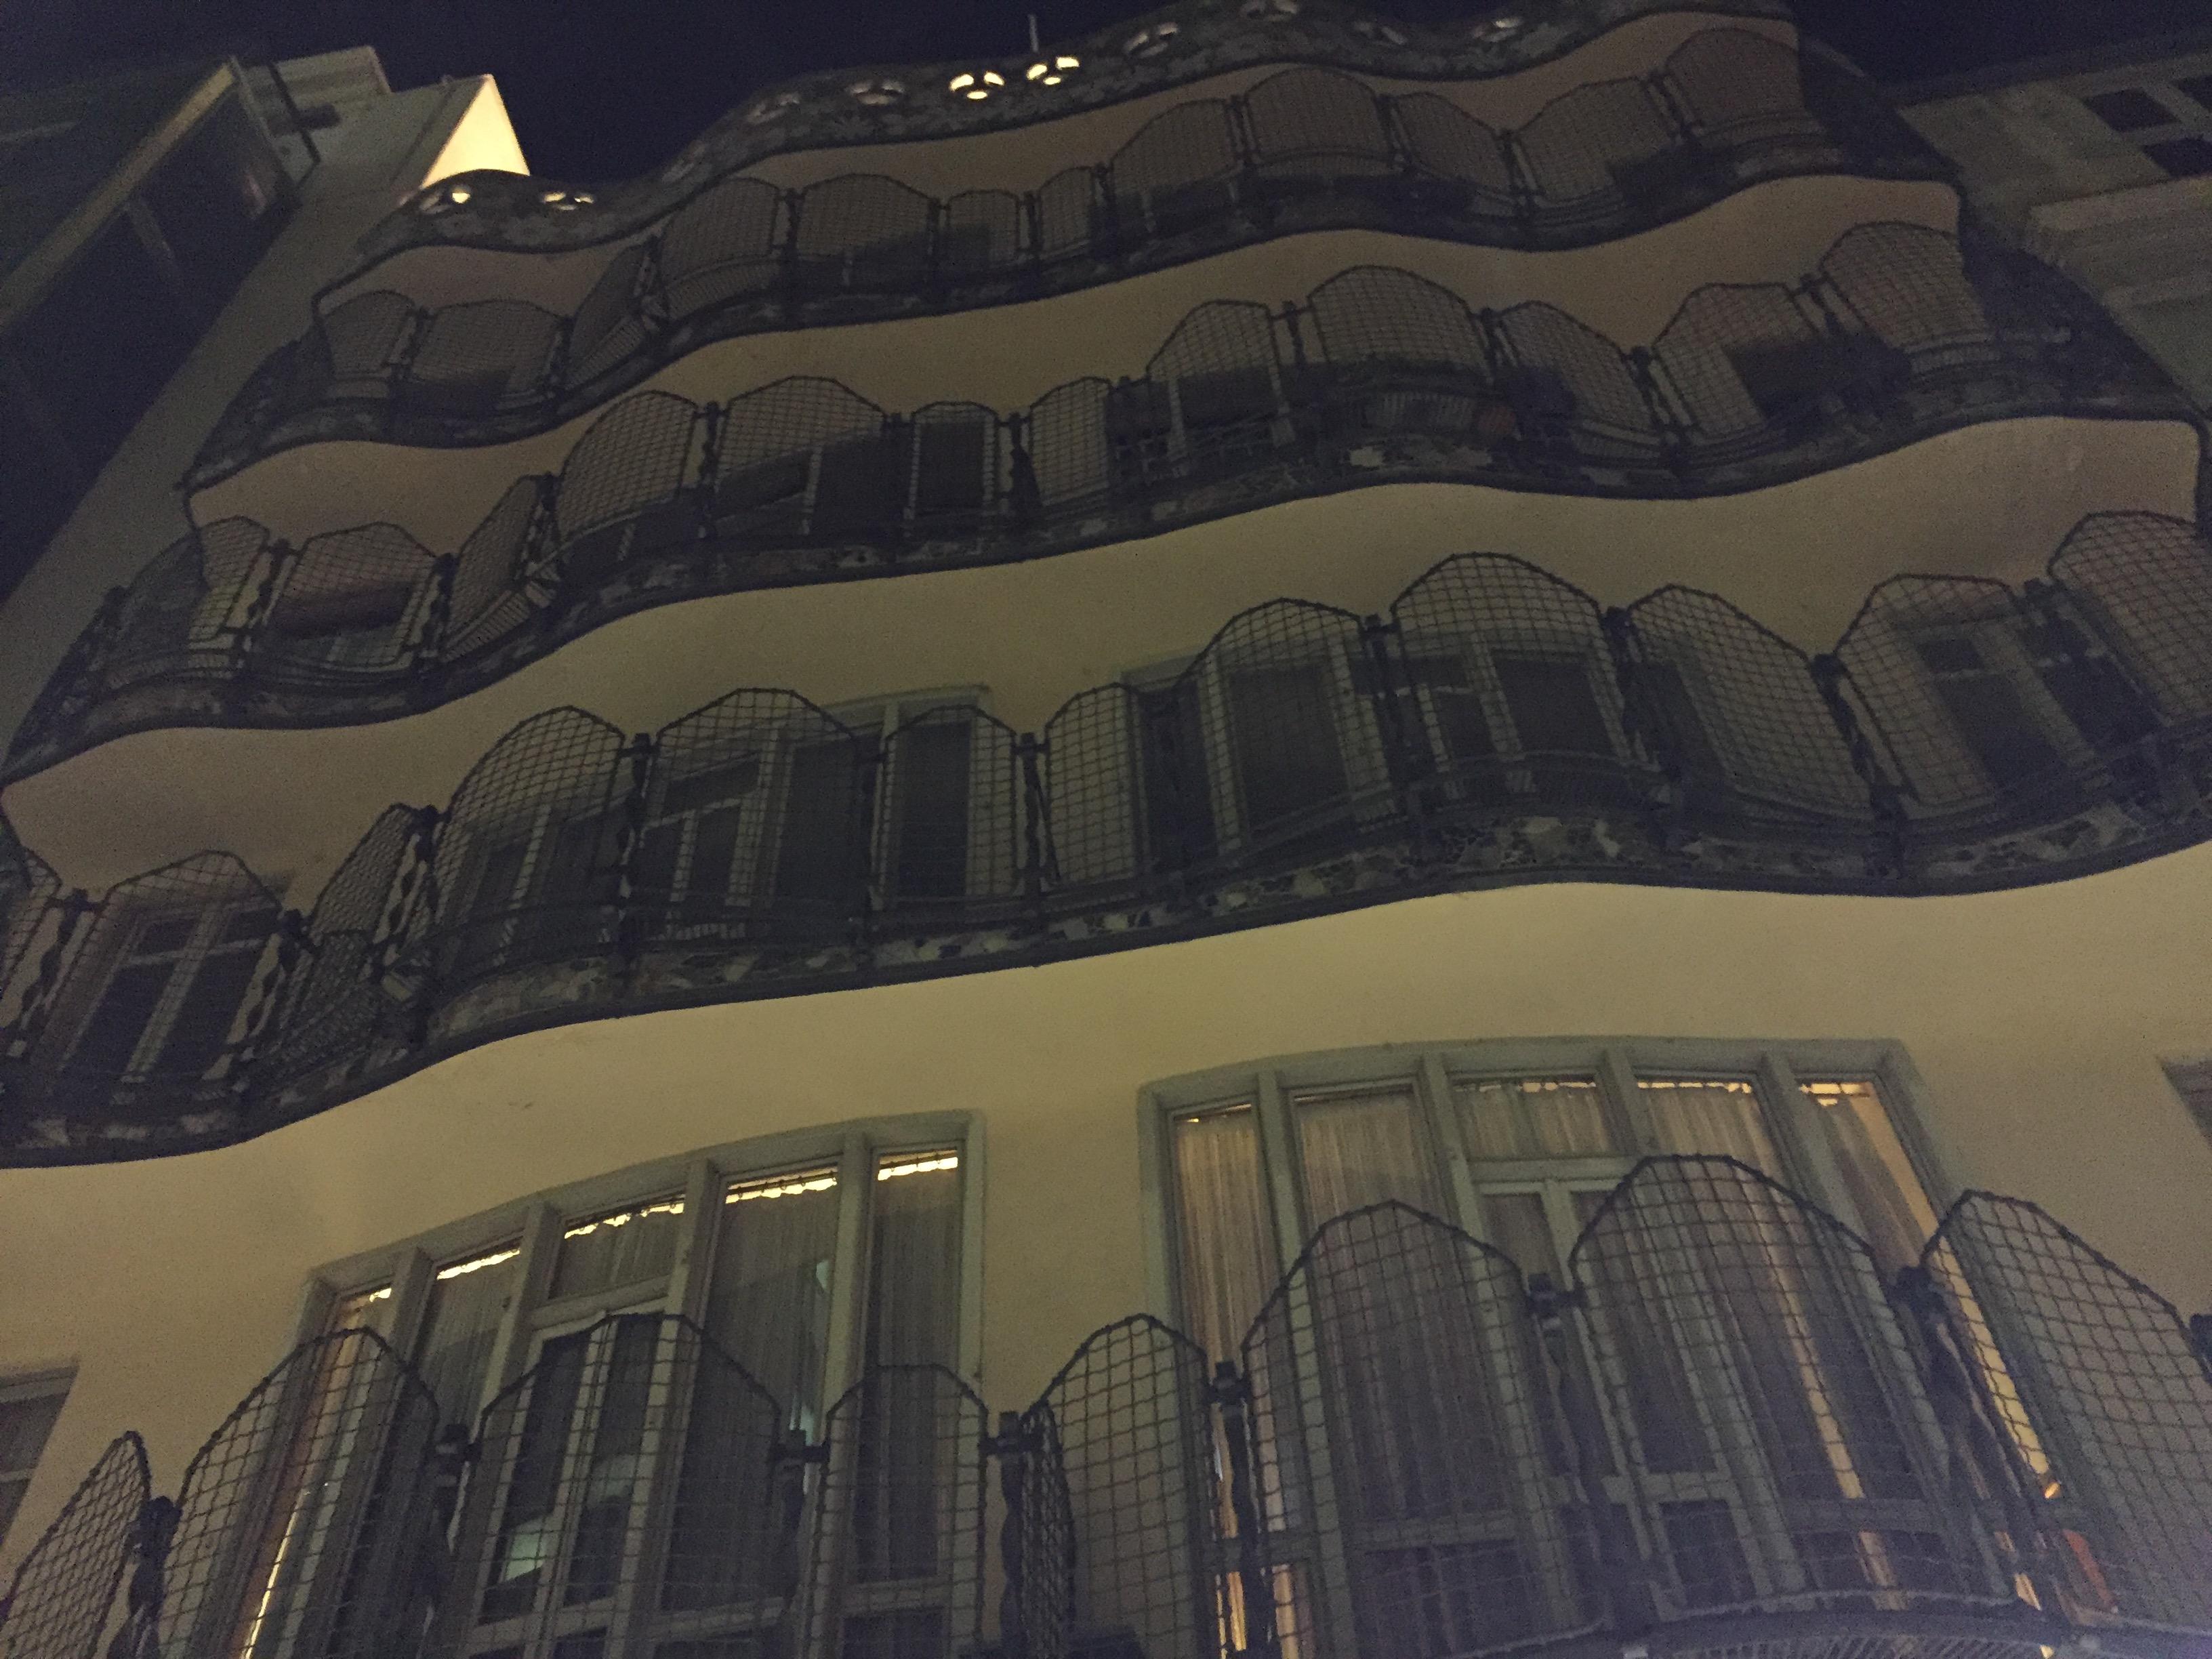 IMG 0867 - Visita a la Casa Batlló en Barcelona Parte II/II